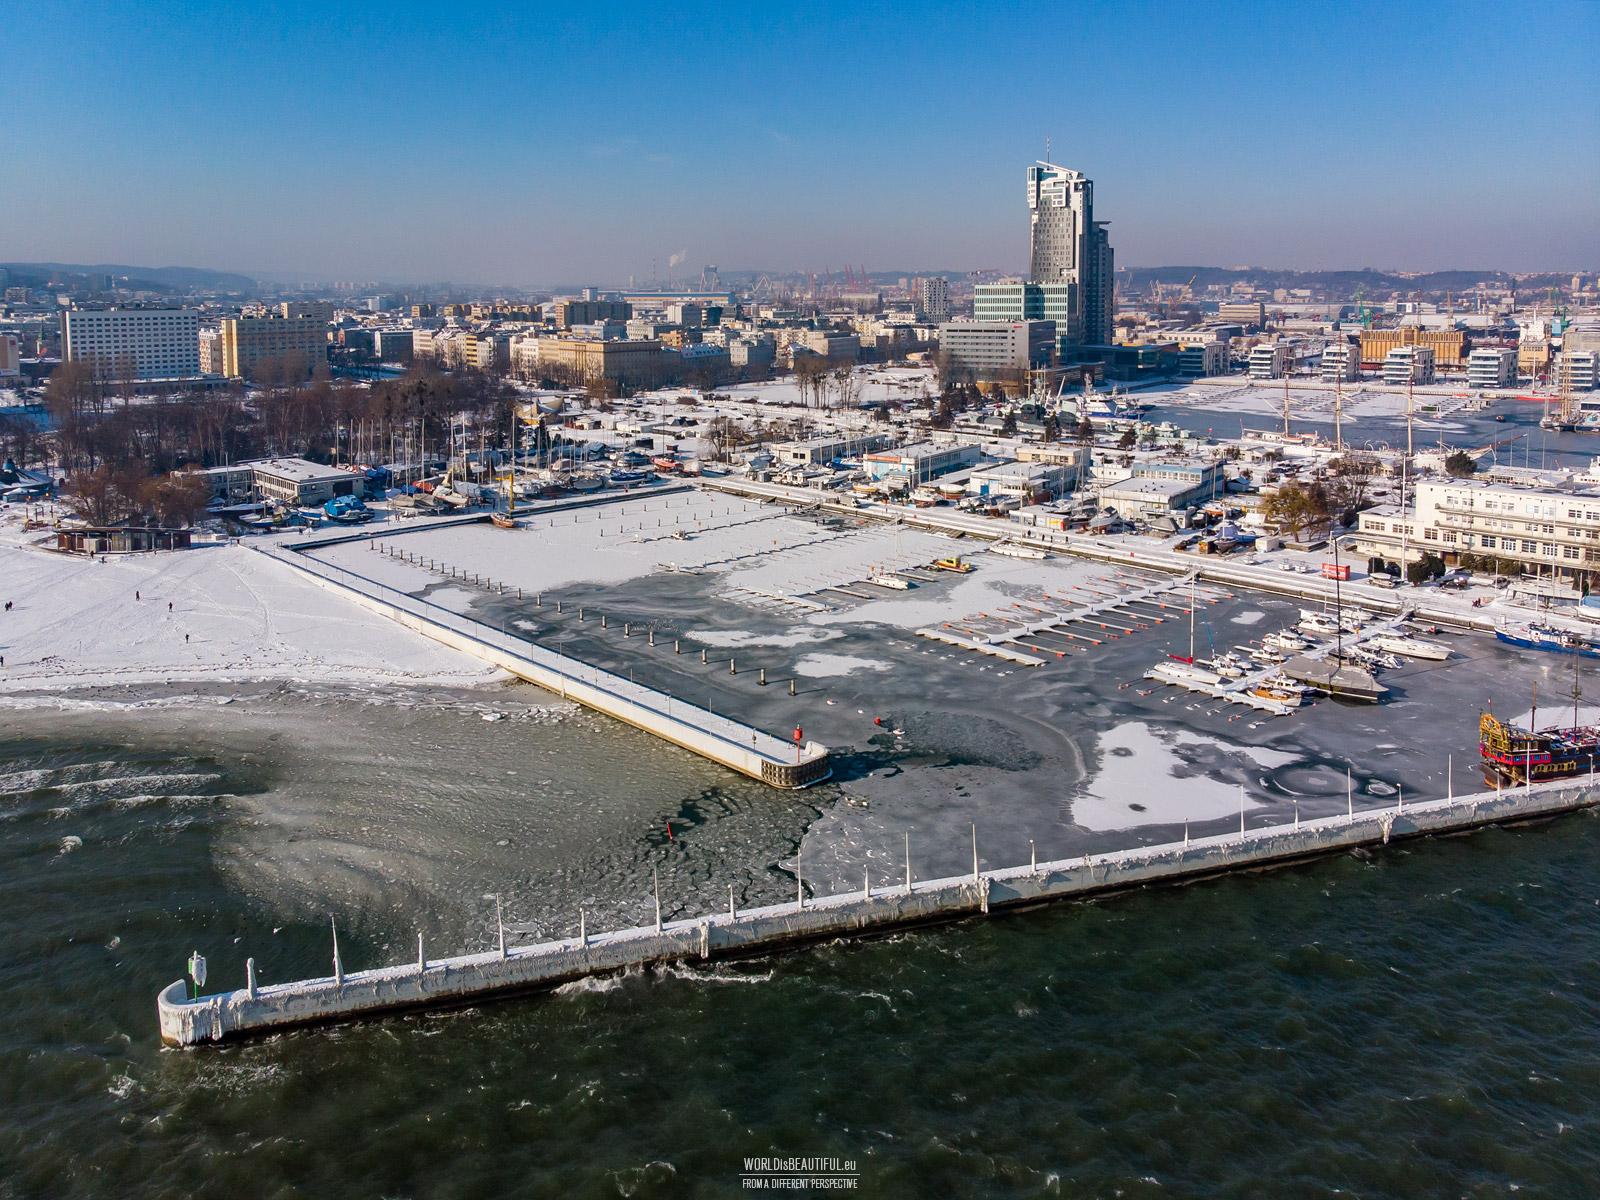 Marina in Gdynia, winter photo